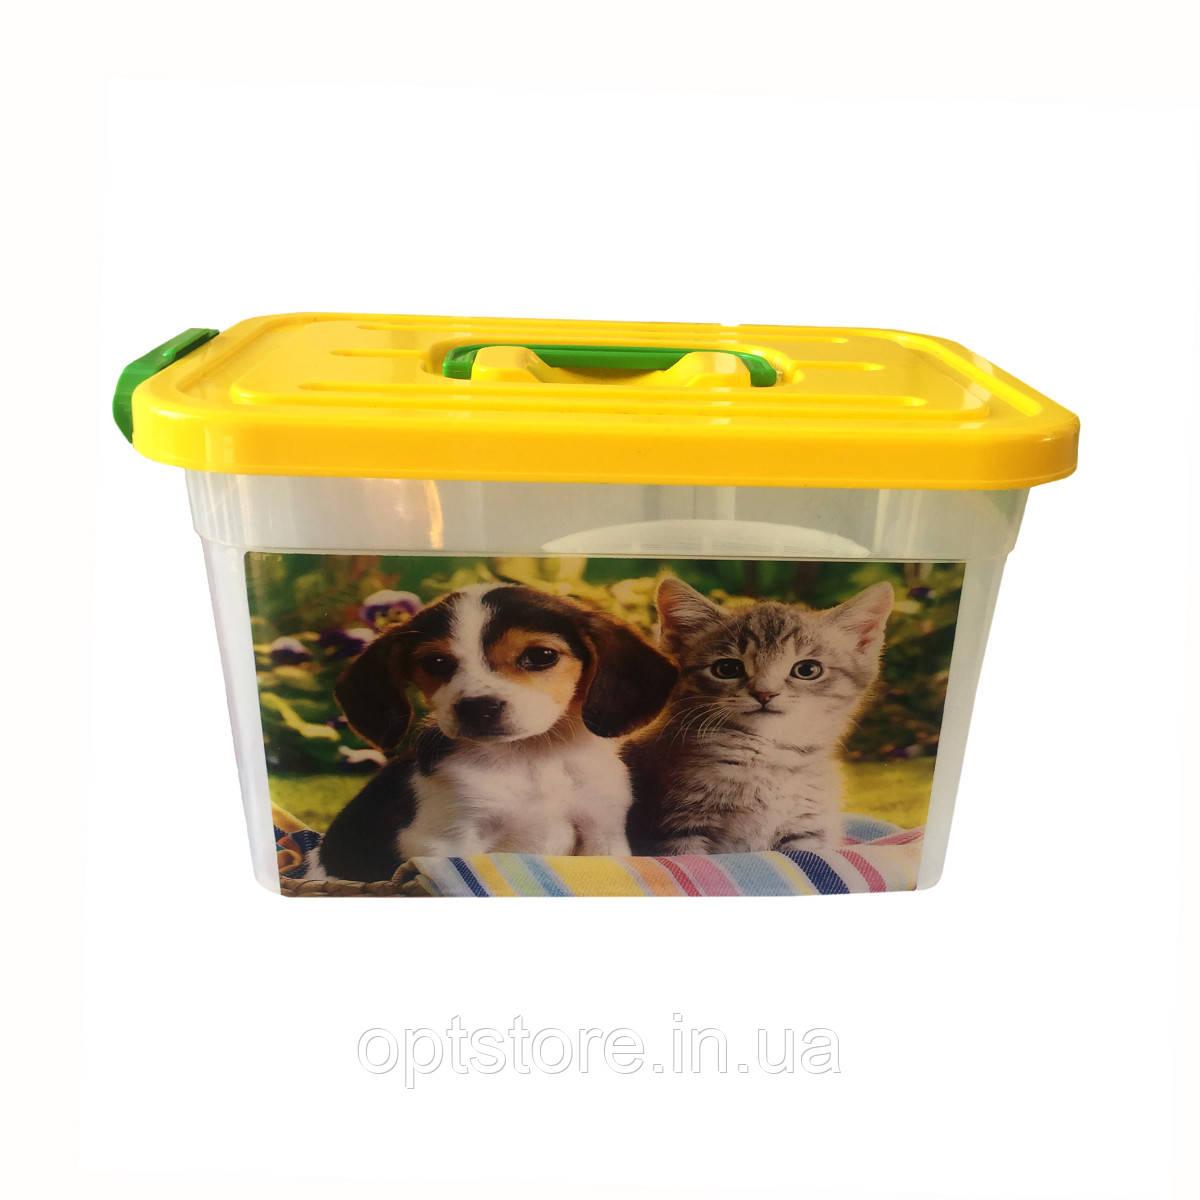 Контейнер для хранения корма животных